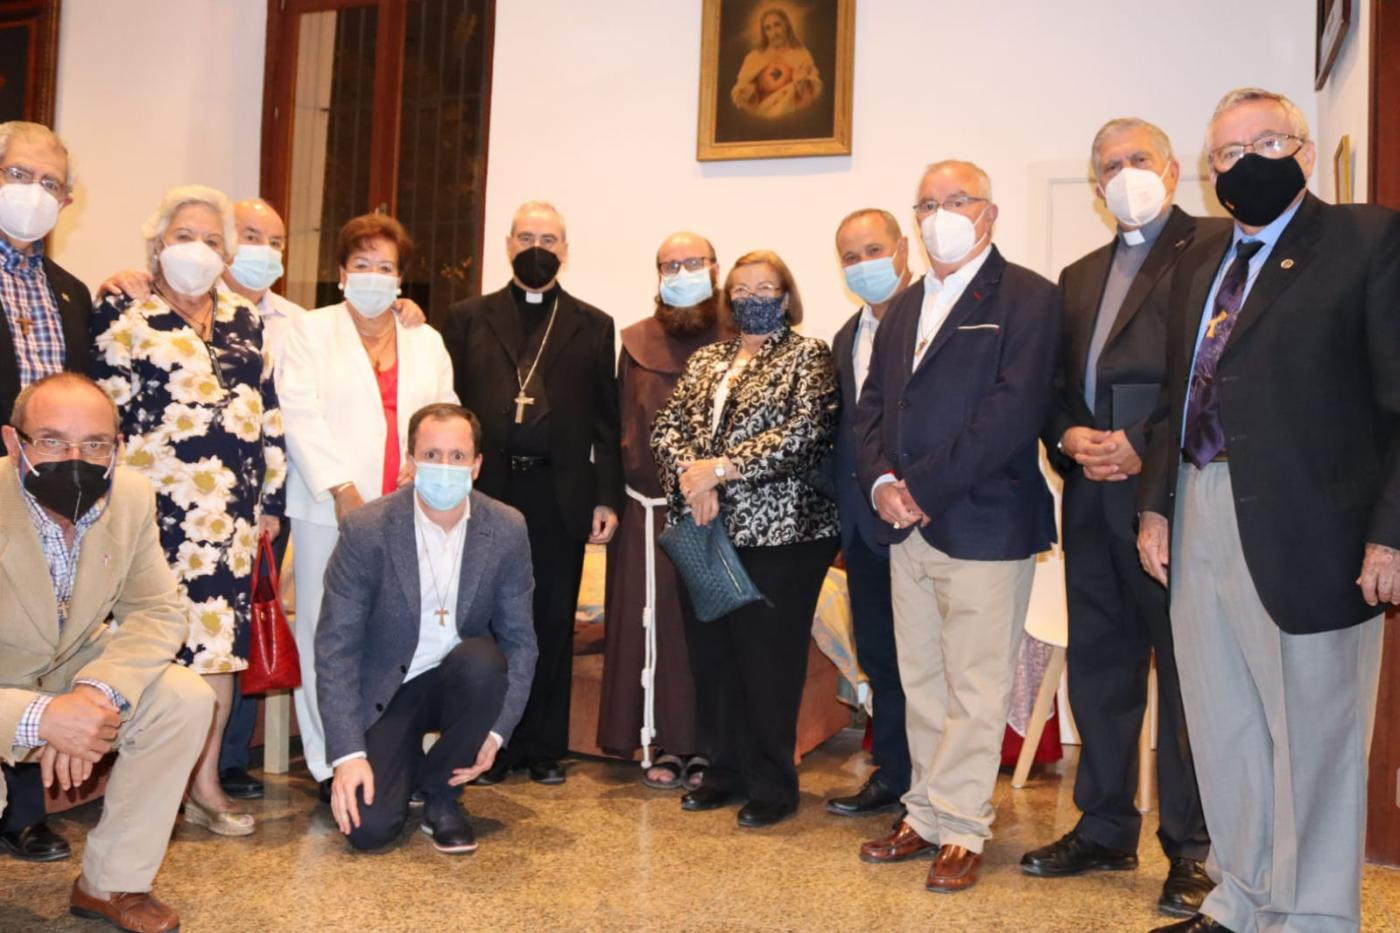 Visita Pastoral del Obispo de Málaga al Convento de San Francisco, en Vélez-Málaga